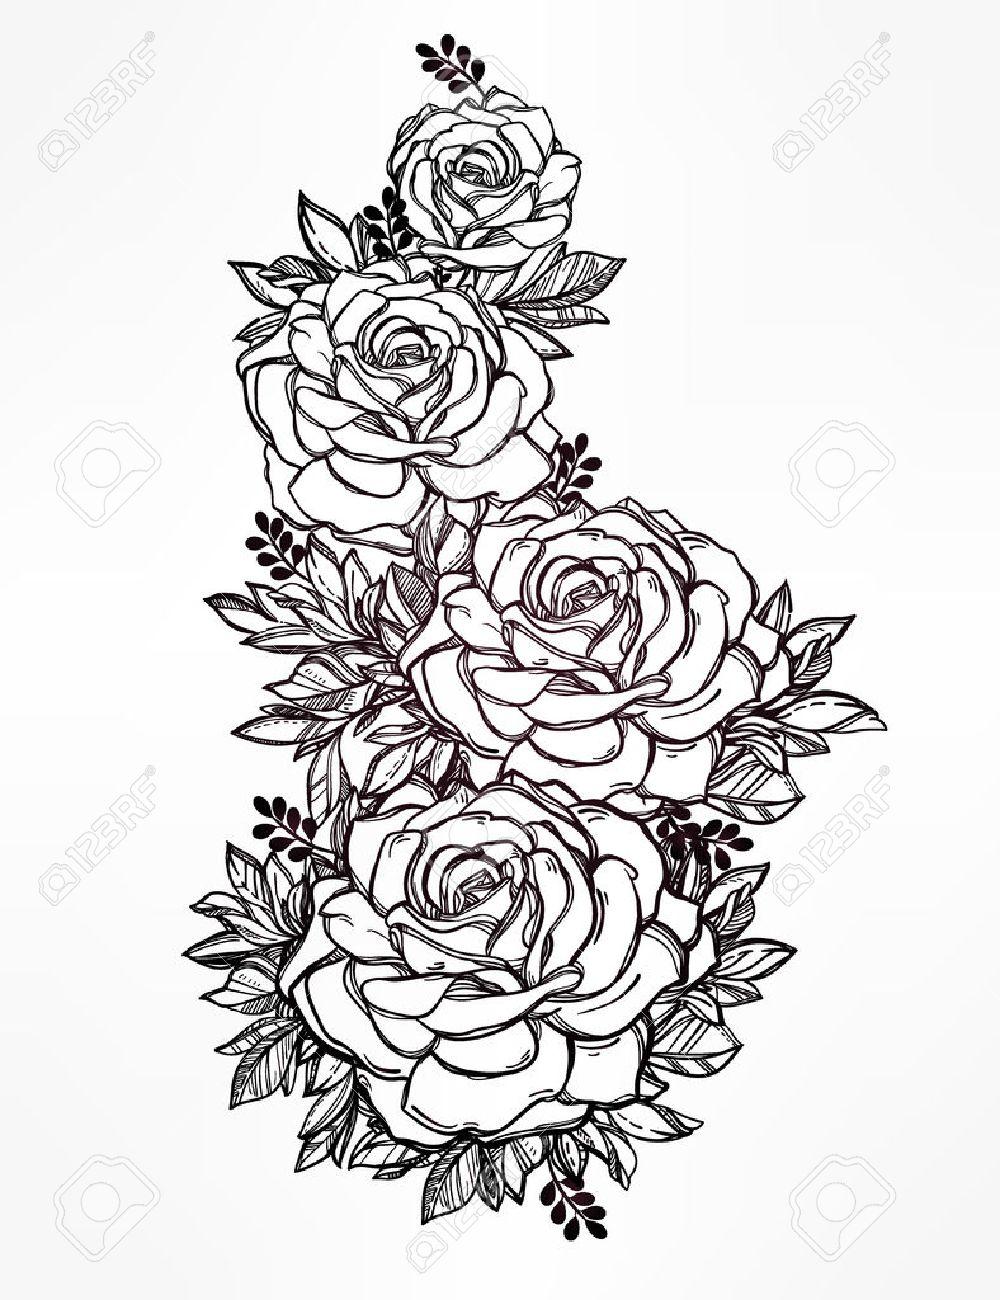 1000x1300 Vintage Floral Highly Detailed Hand Drawn Rose Flower Stem